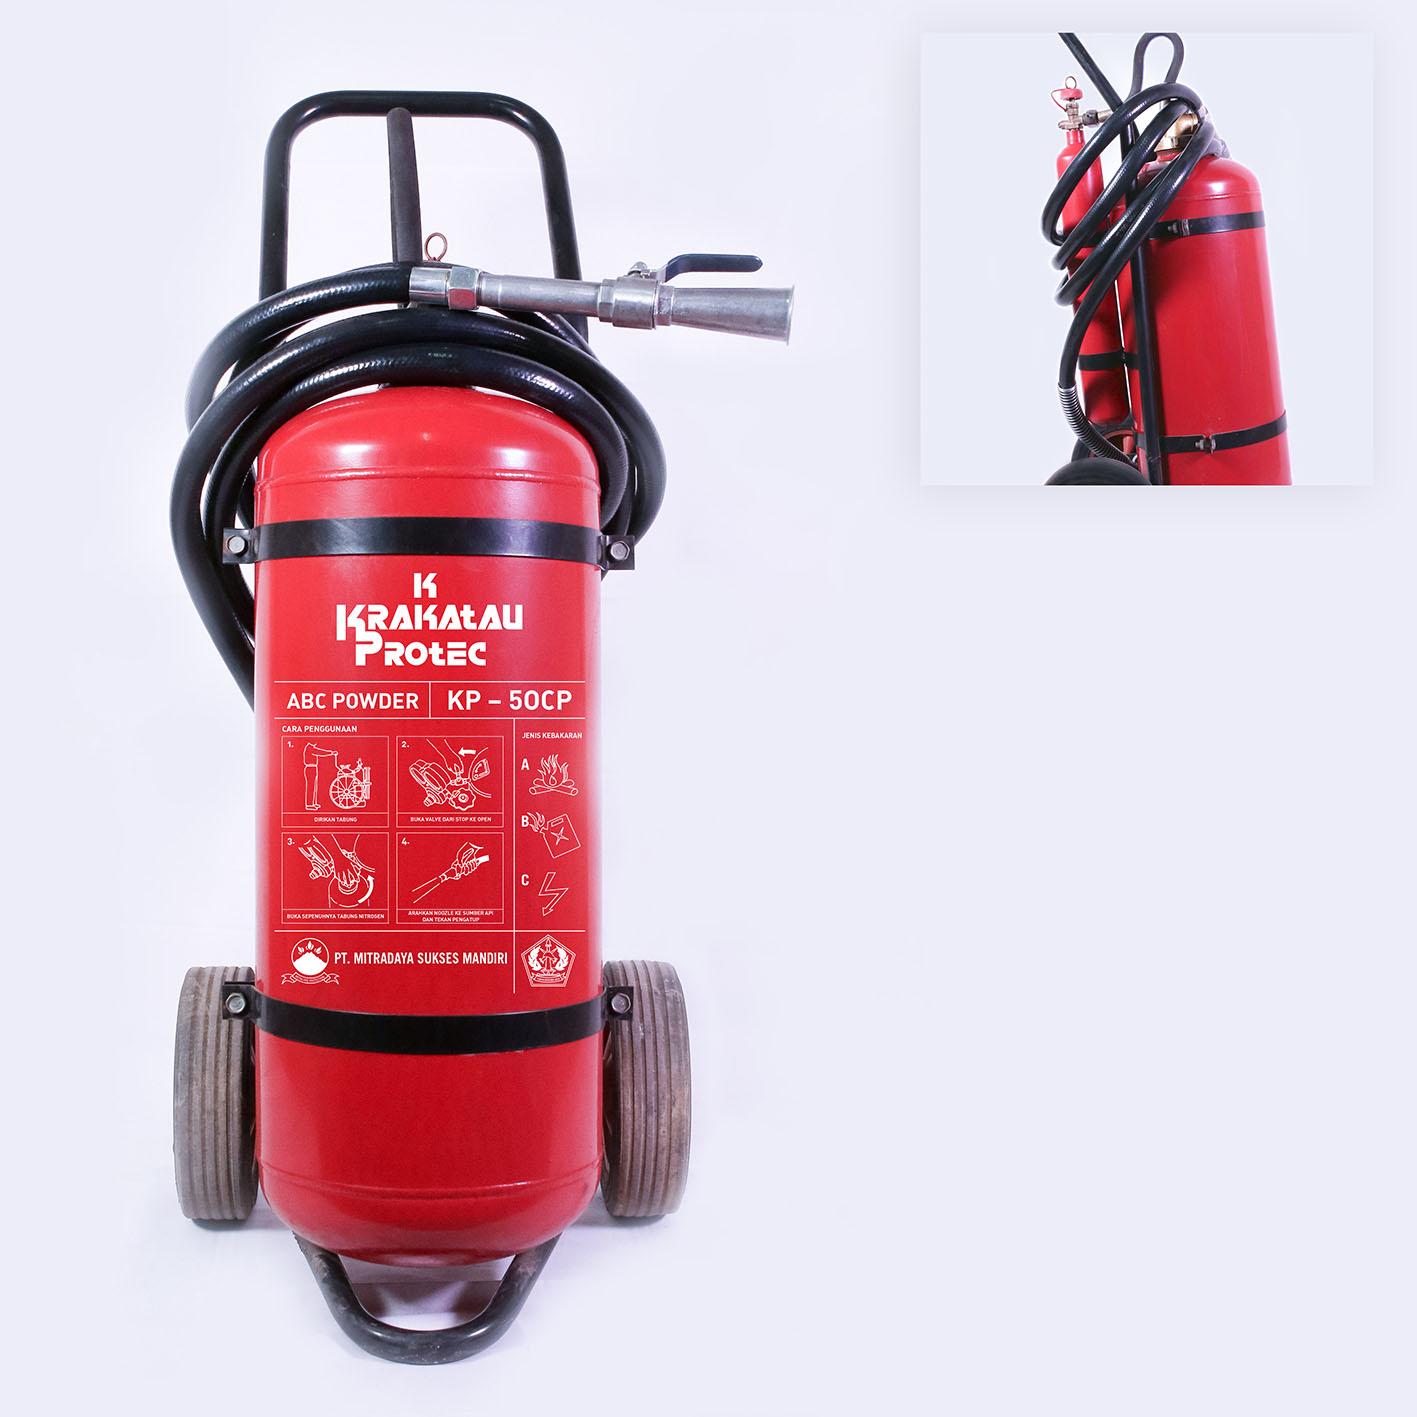 Cartridge Powder 50 Kg / KP50CP